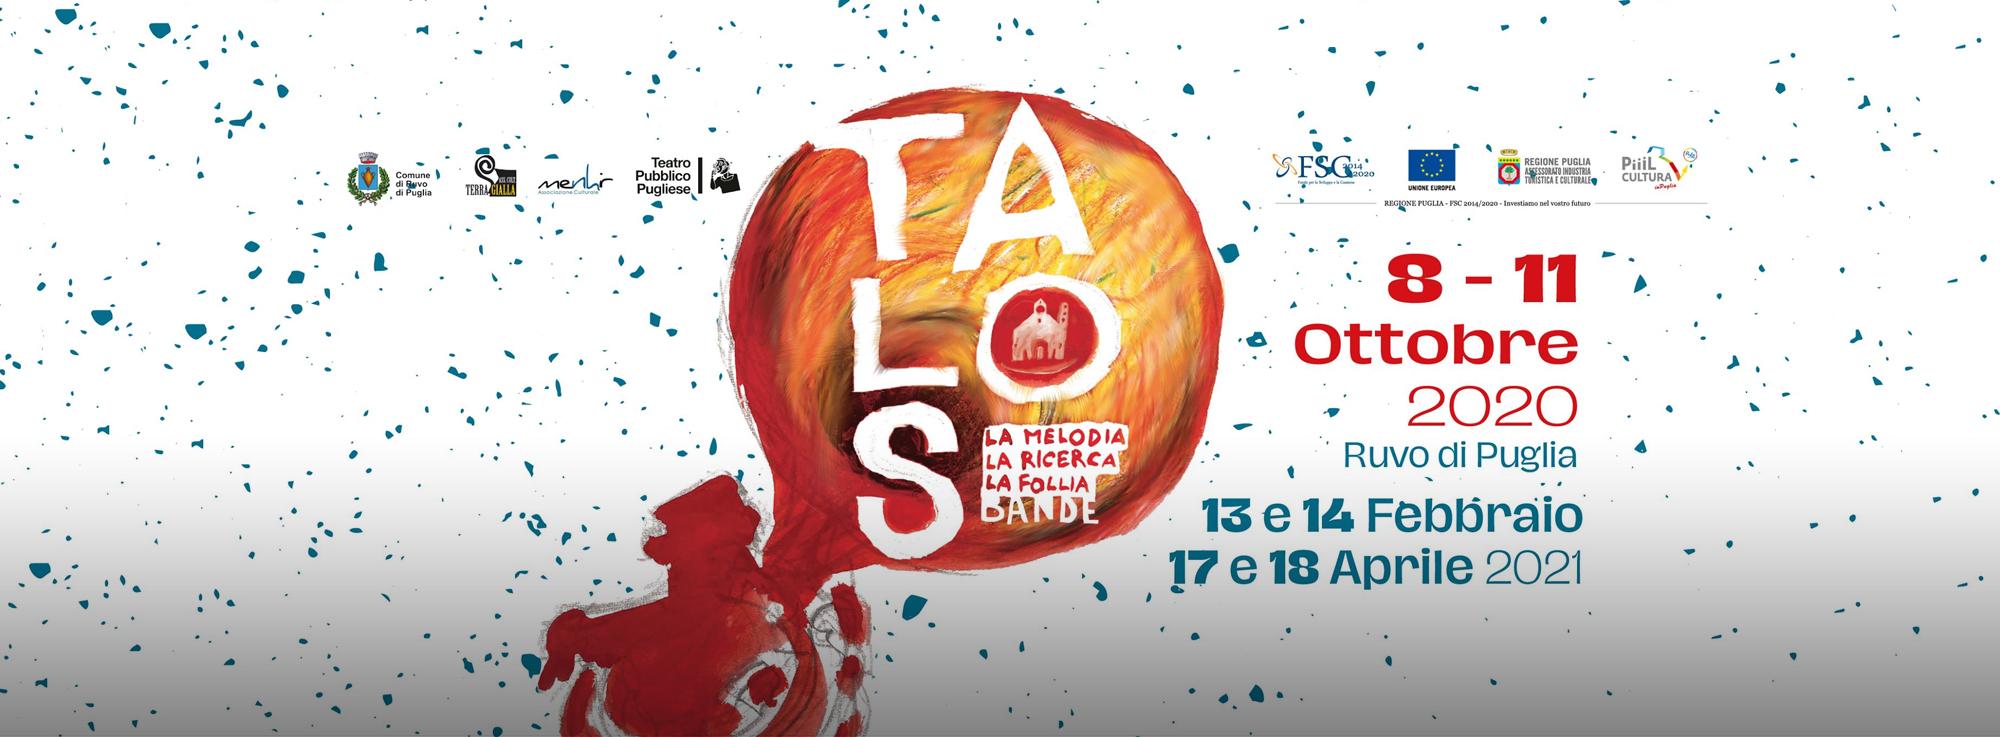 Ruvo di Puglia: Talos Festival